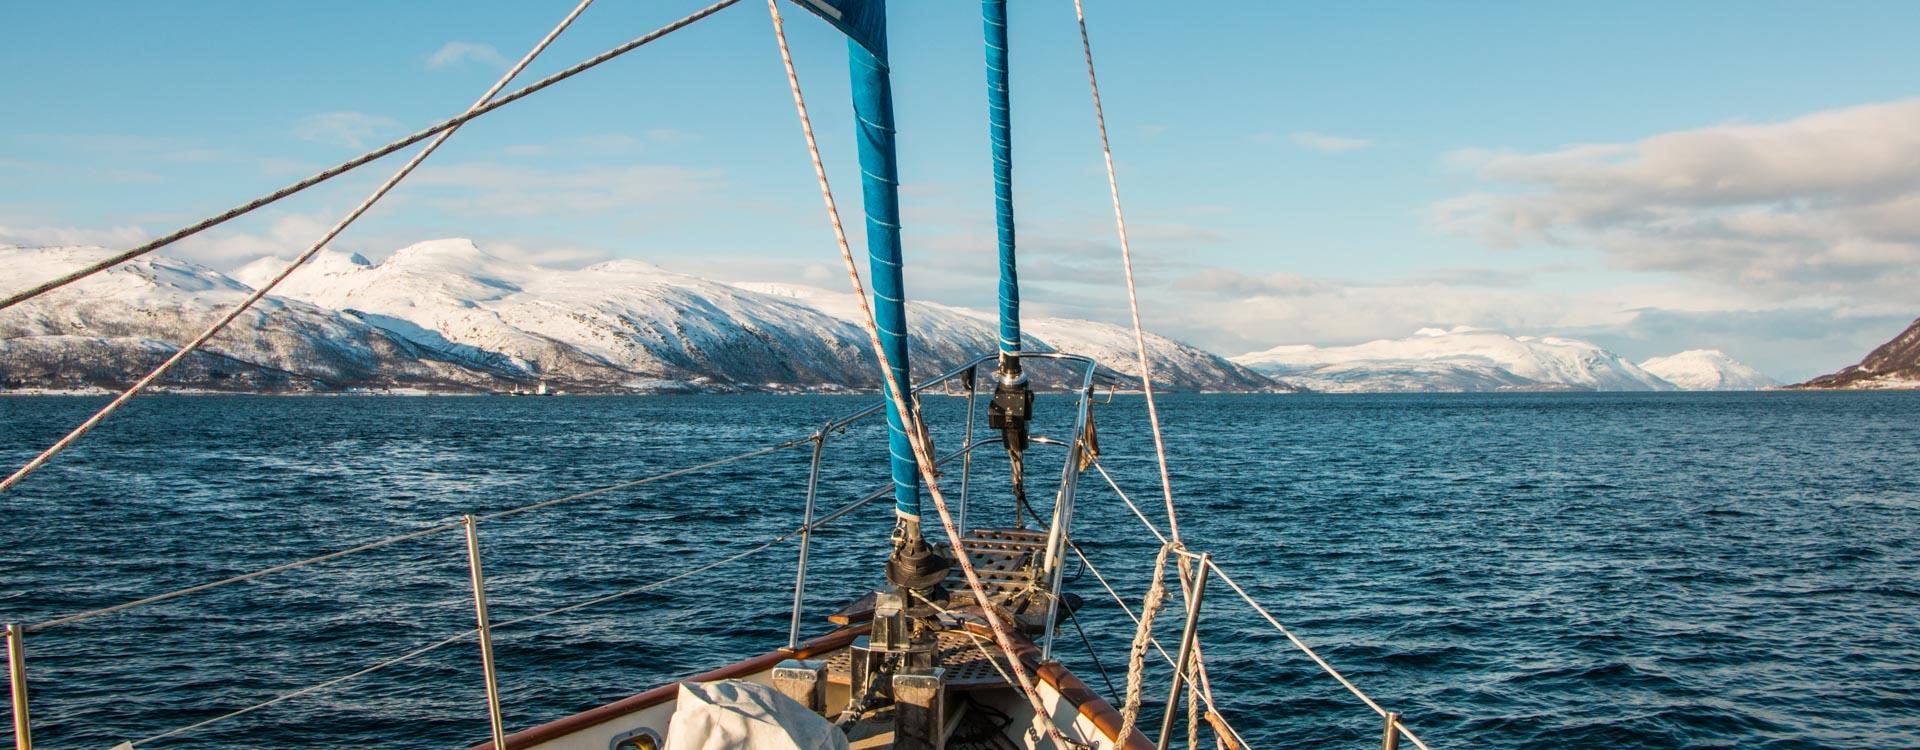 skitouren-vom-schiff-in-norwegen.jpg